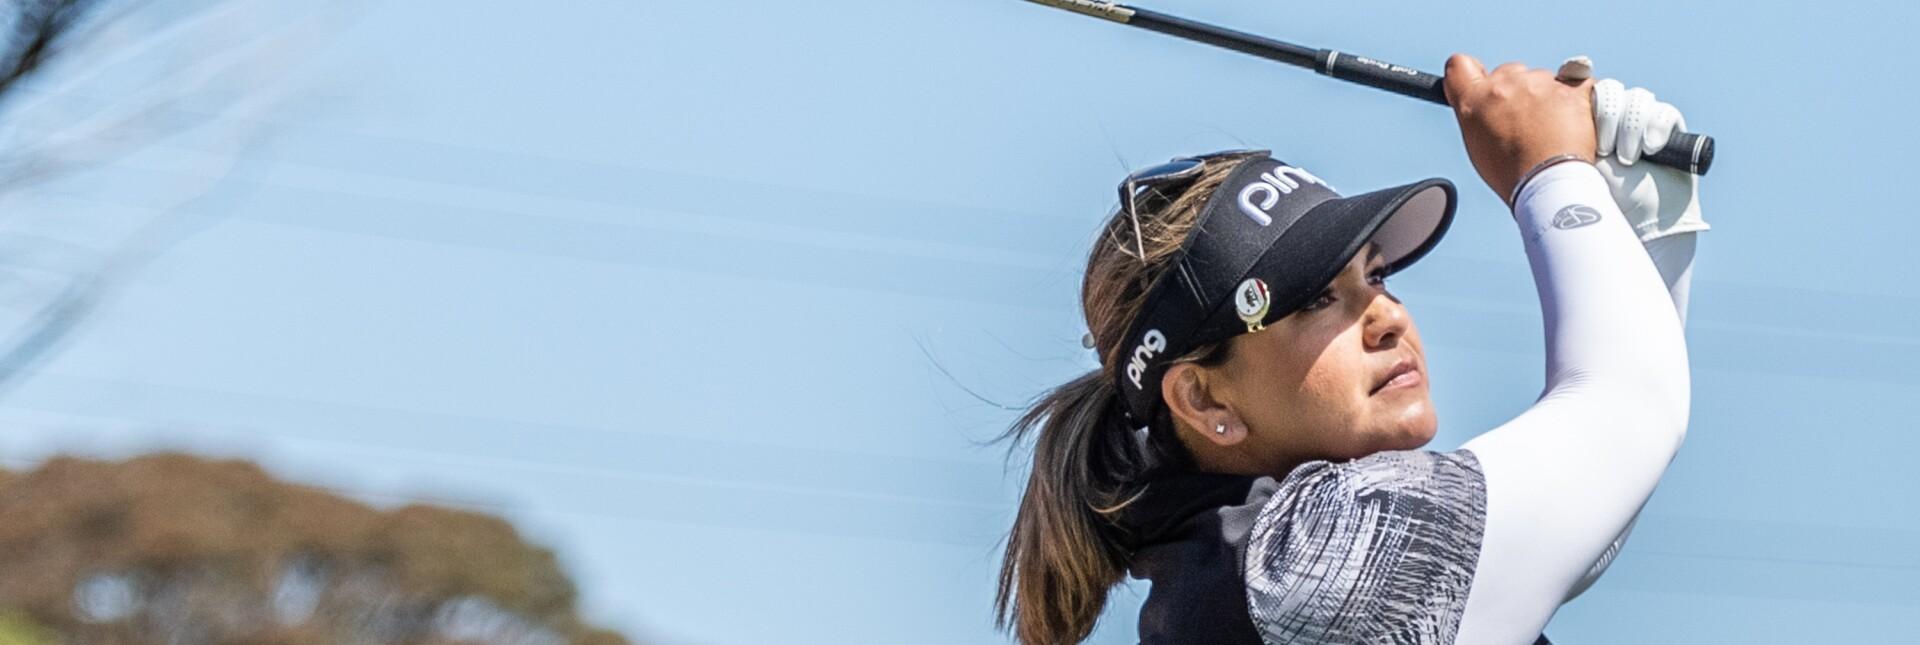 2020 ISPS HANDA Women's Australian Open - Day 4